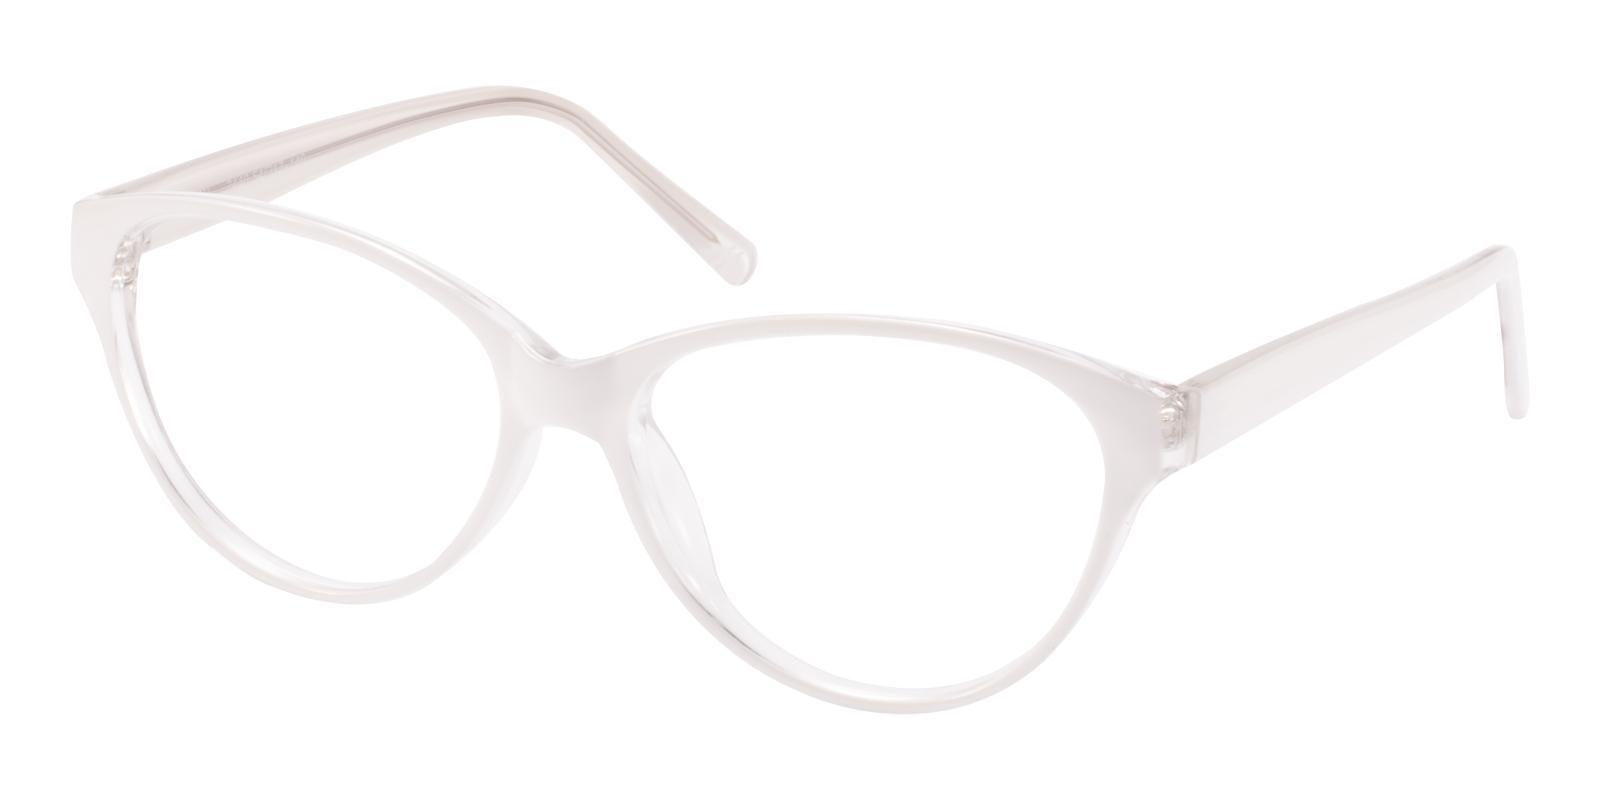 Flame White Plastic Eyeglasses , UniversalBridgeFit Frames from ABBE Glasses